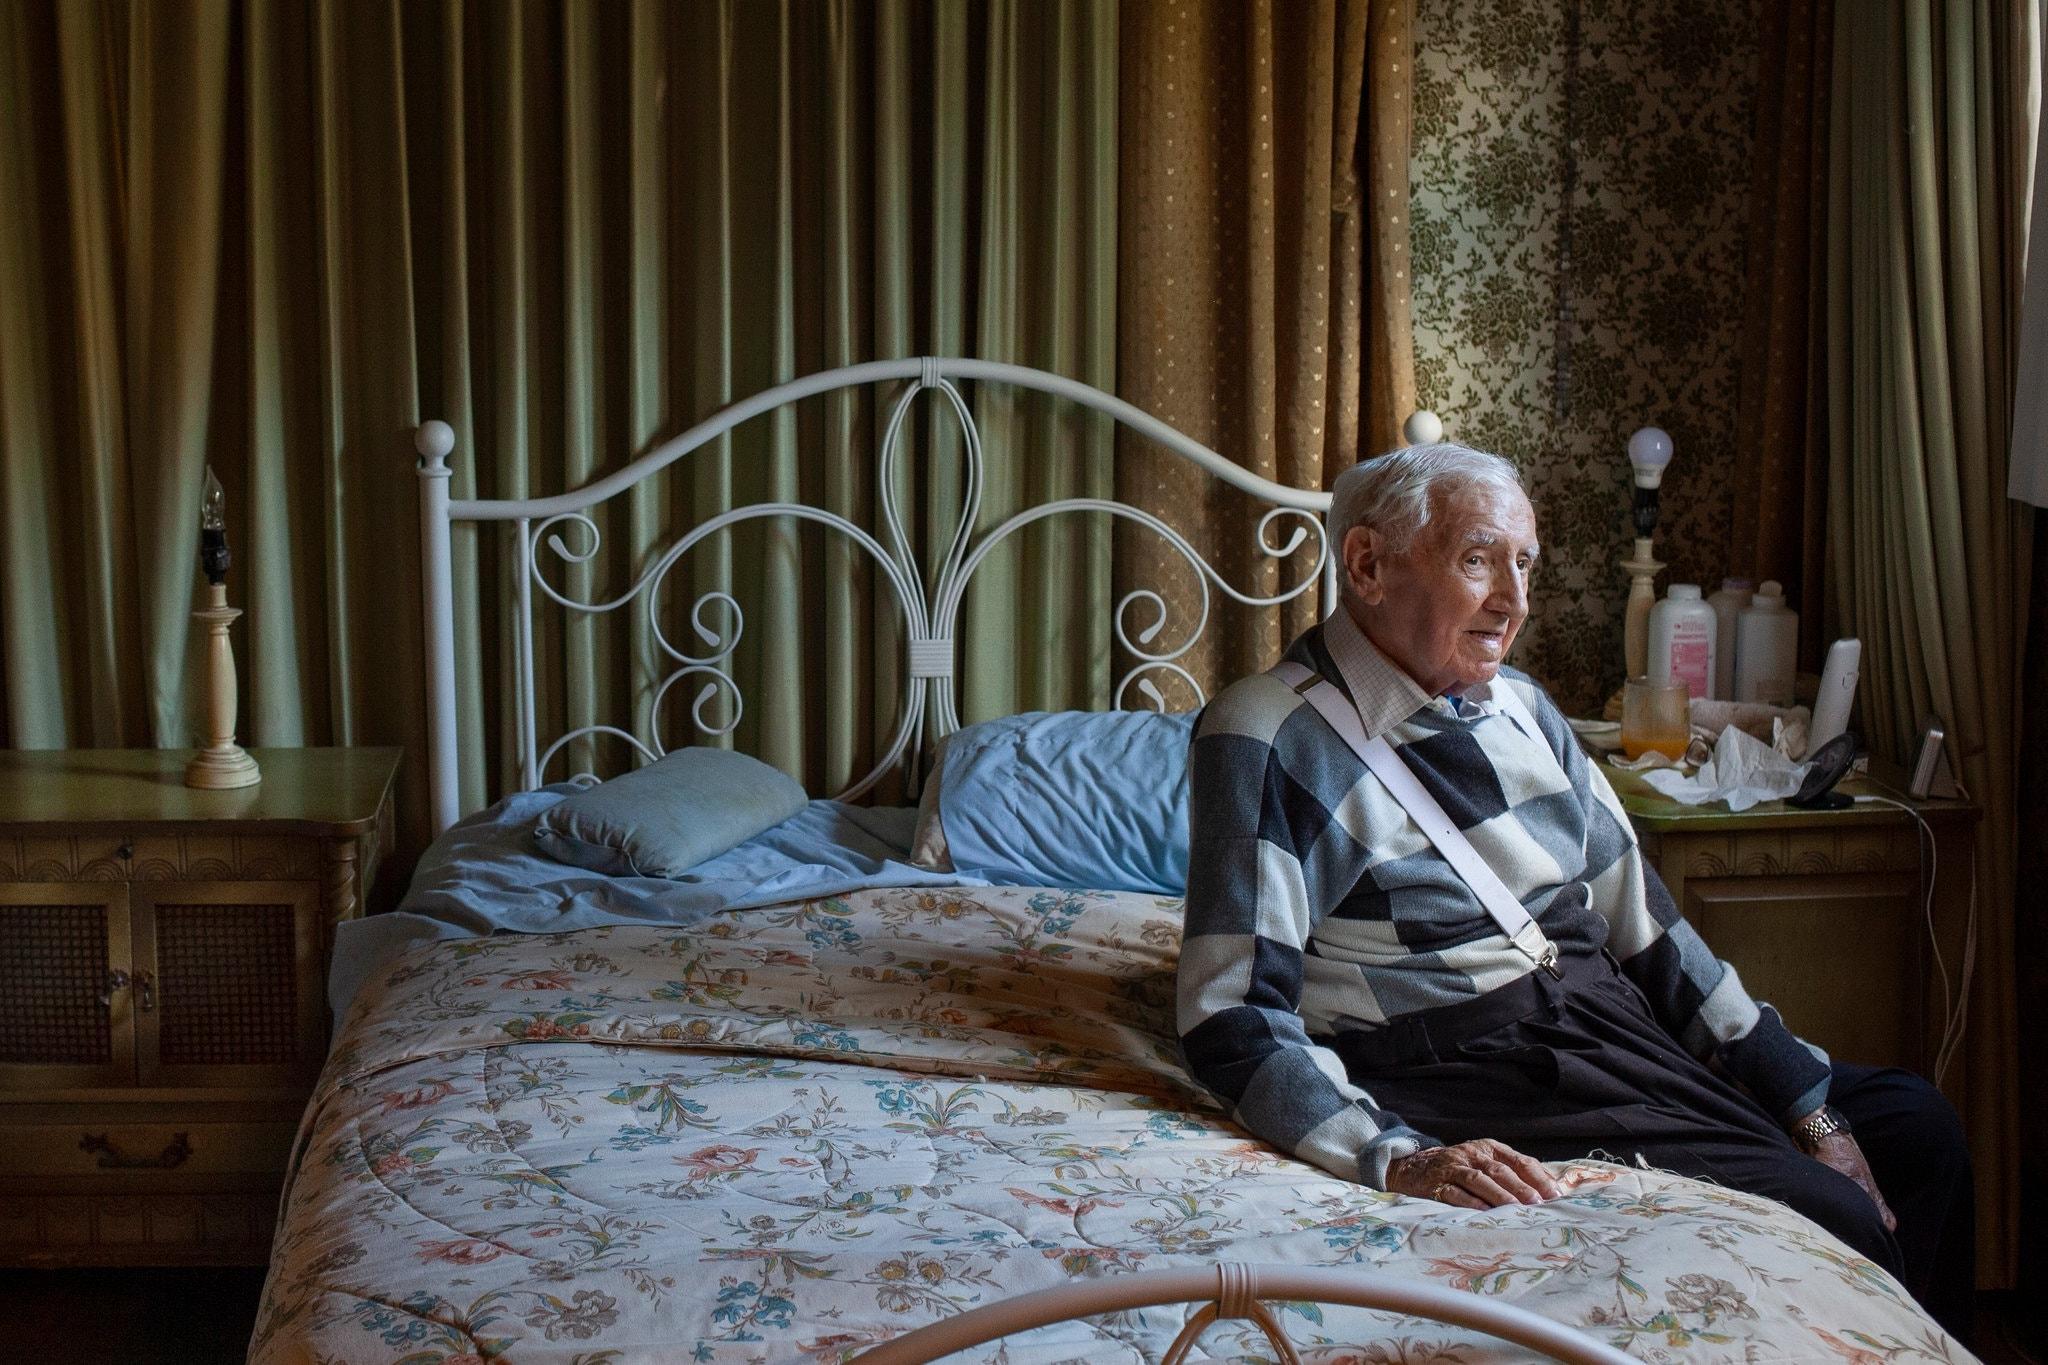 Visnija u svom domu u Pensilvaniji